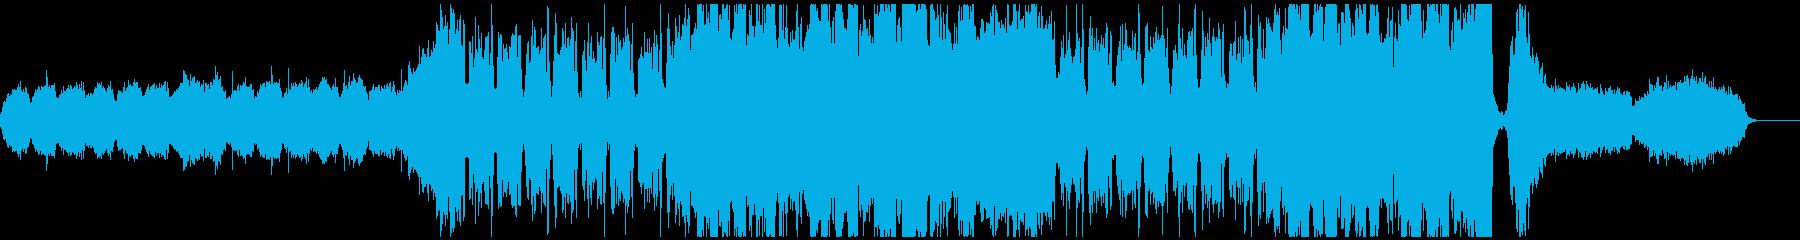 ダークファンタジーの映画音楽風オケの再生済みの波形